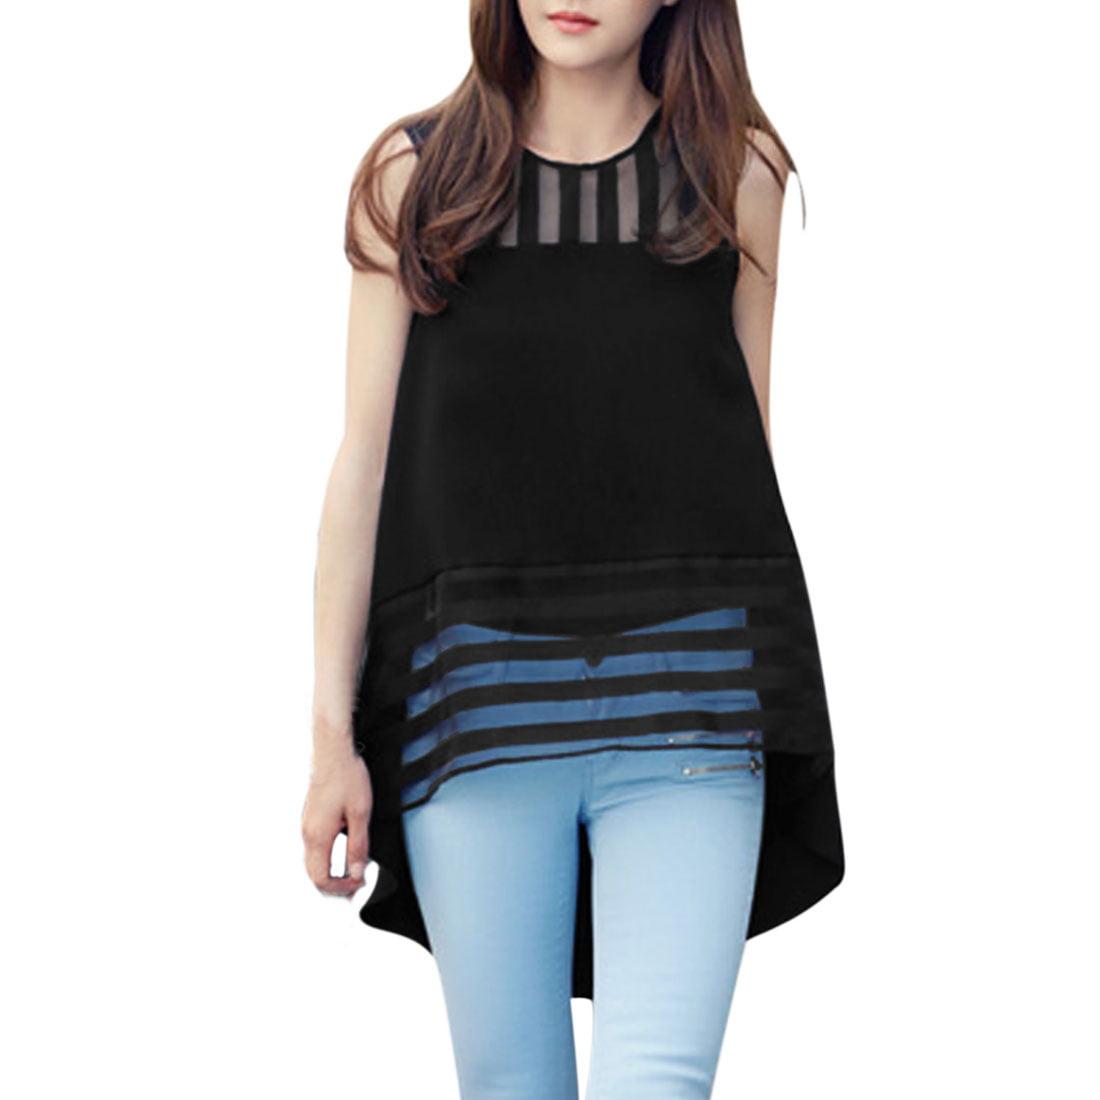 Women's NEW Fashion Organza Panel Stripes Design Tank Top (Size M / 8)